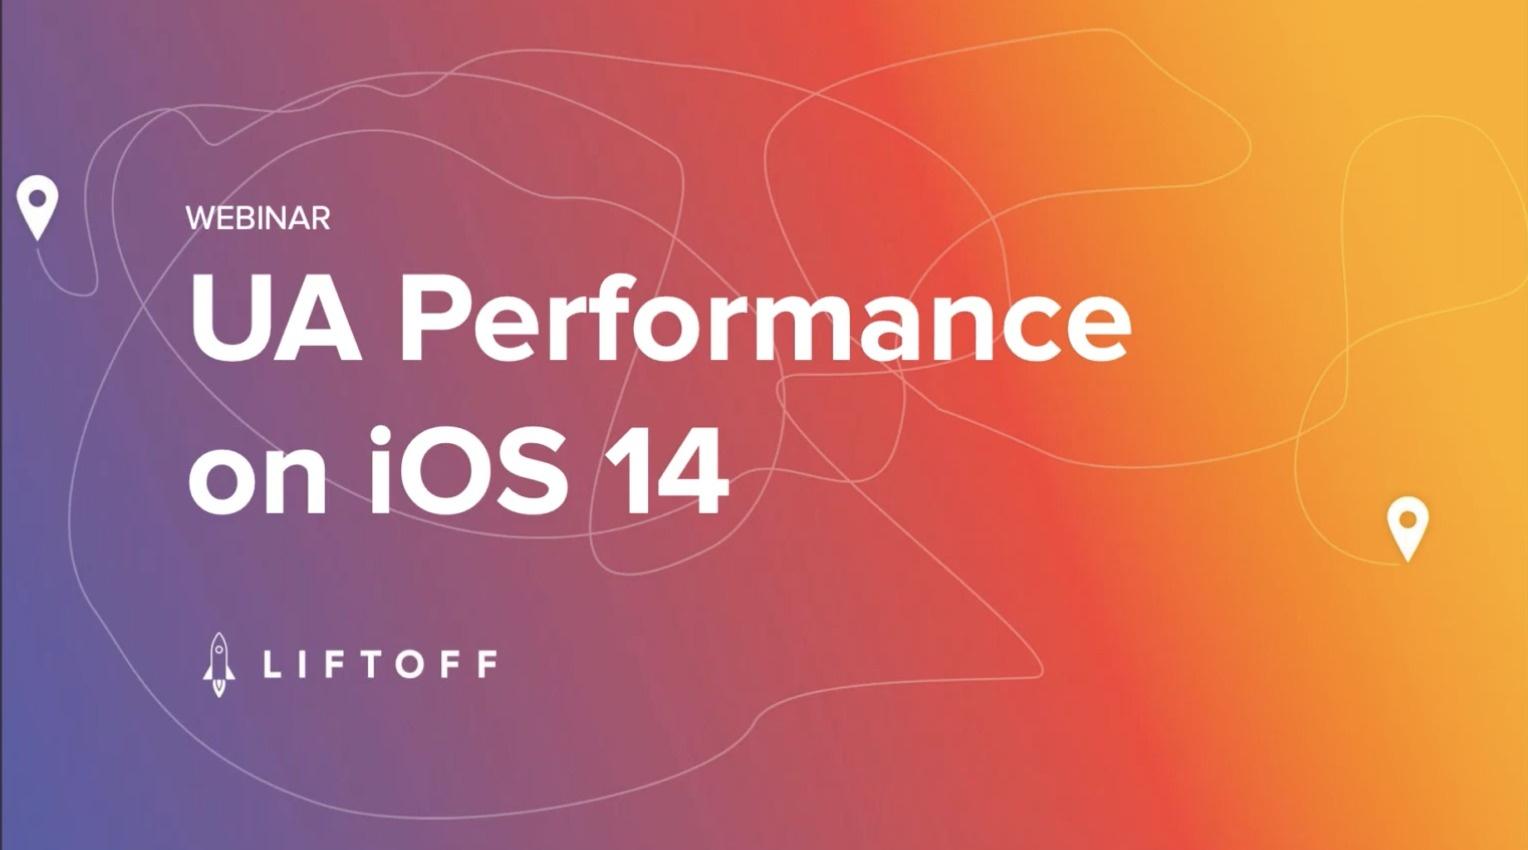 UA Performance on iOS 14